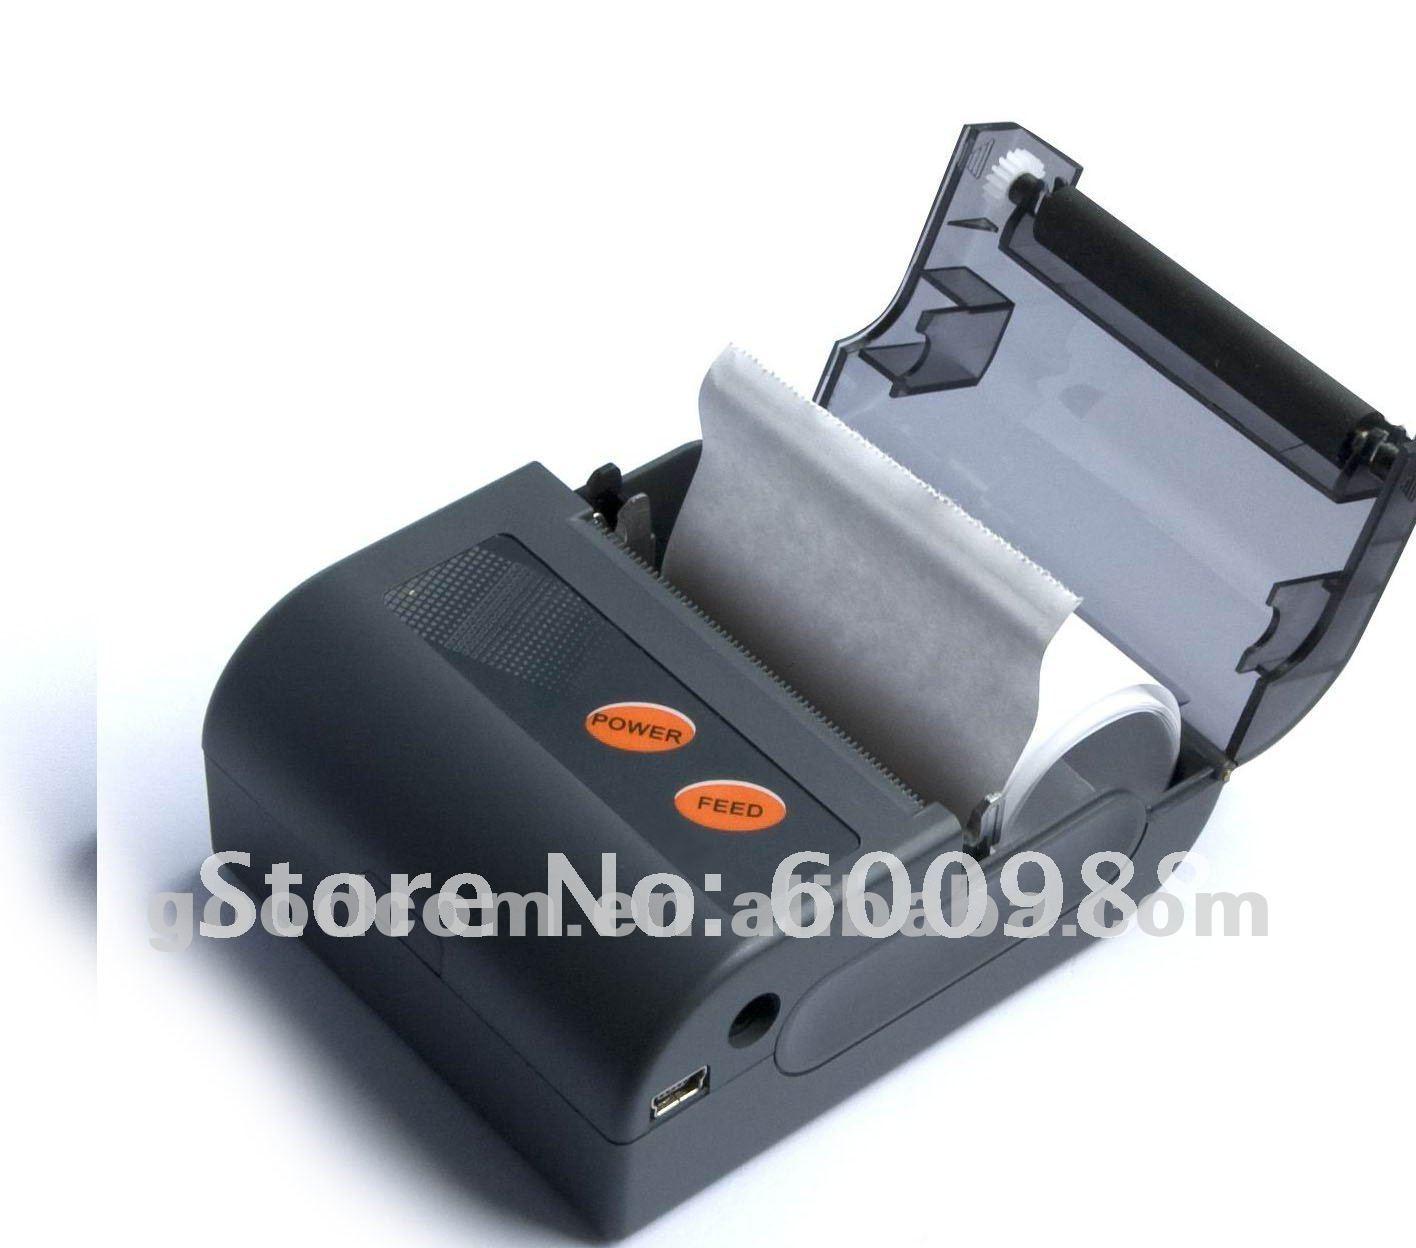 Mini Stampante Etichette Mini Stampante/stampante